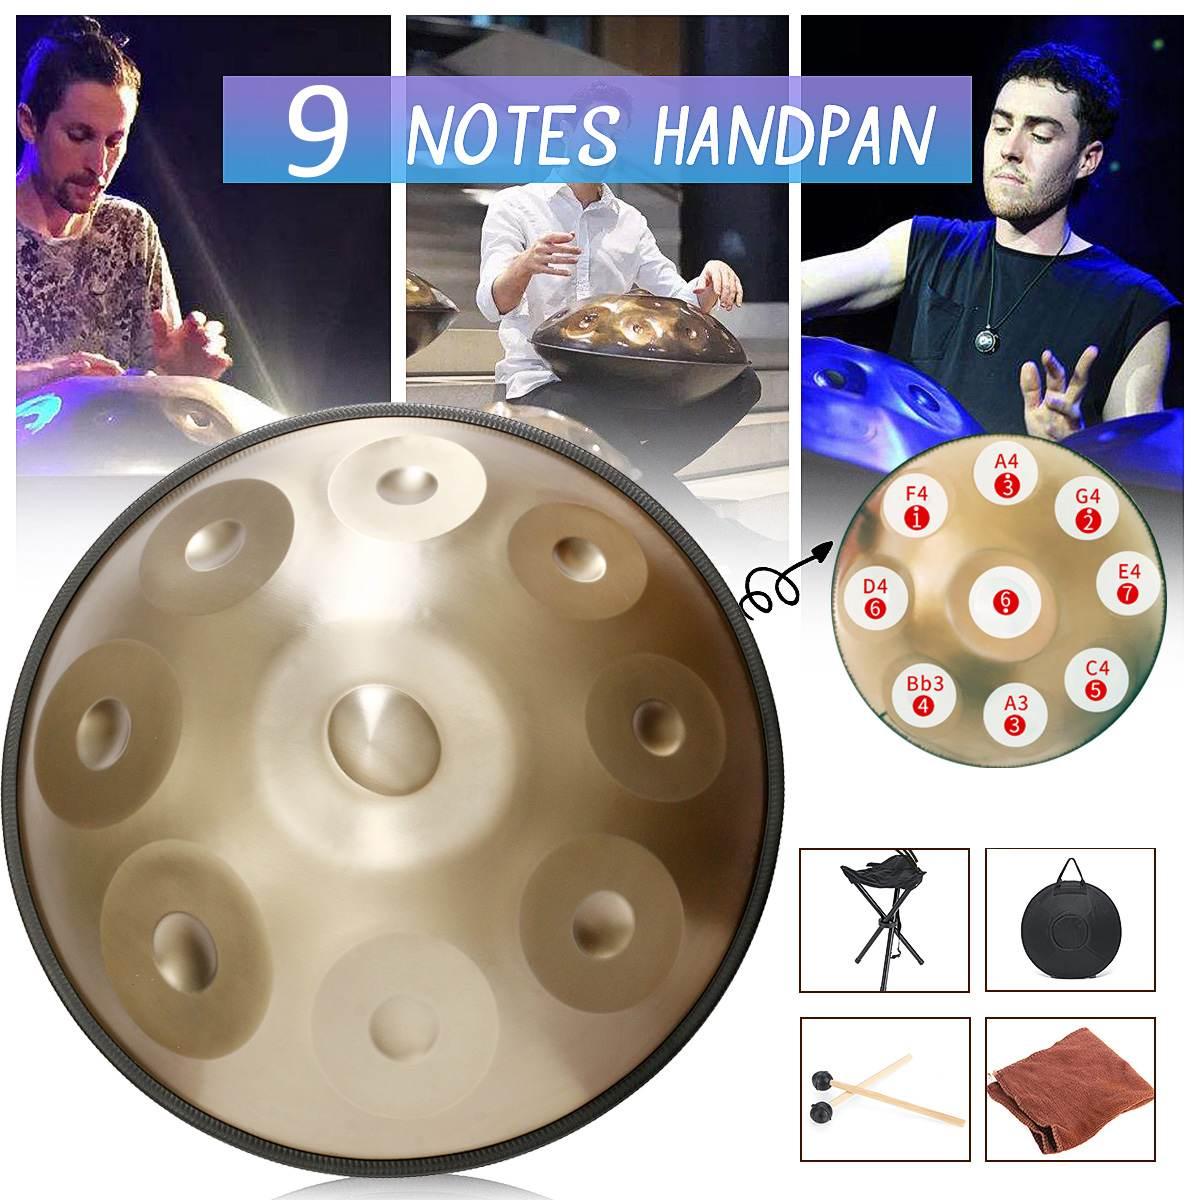 Tambours à main en alliage faits à la main 9 Notes F majeur D mineur tambour à main musique accrocher tambour + sac de rangement Instruments de musique à Percussion